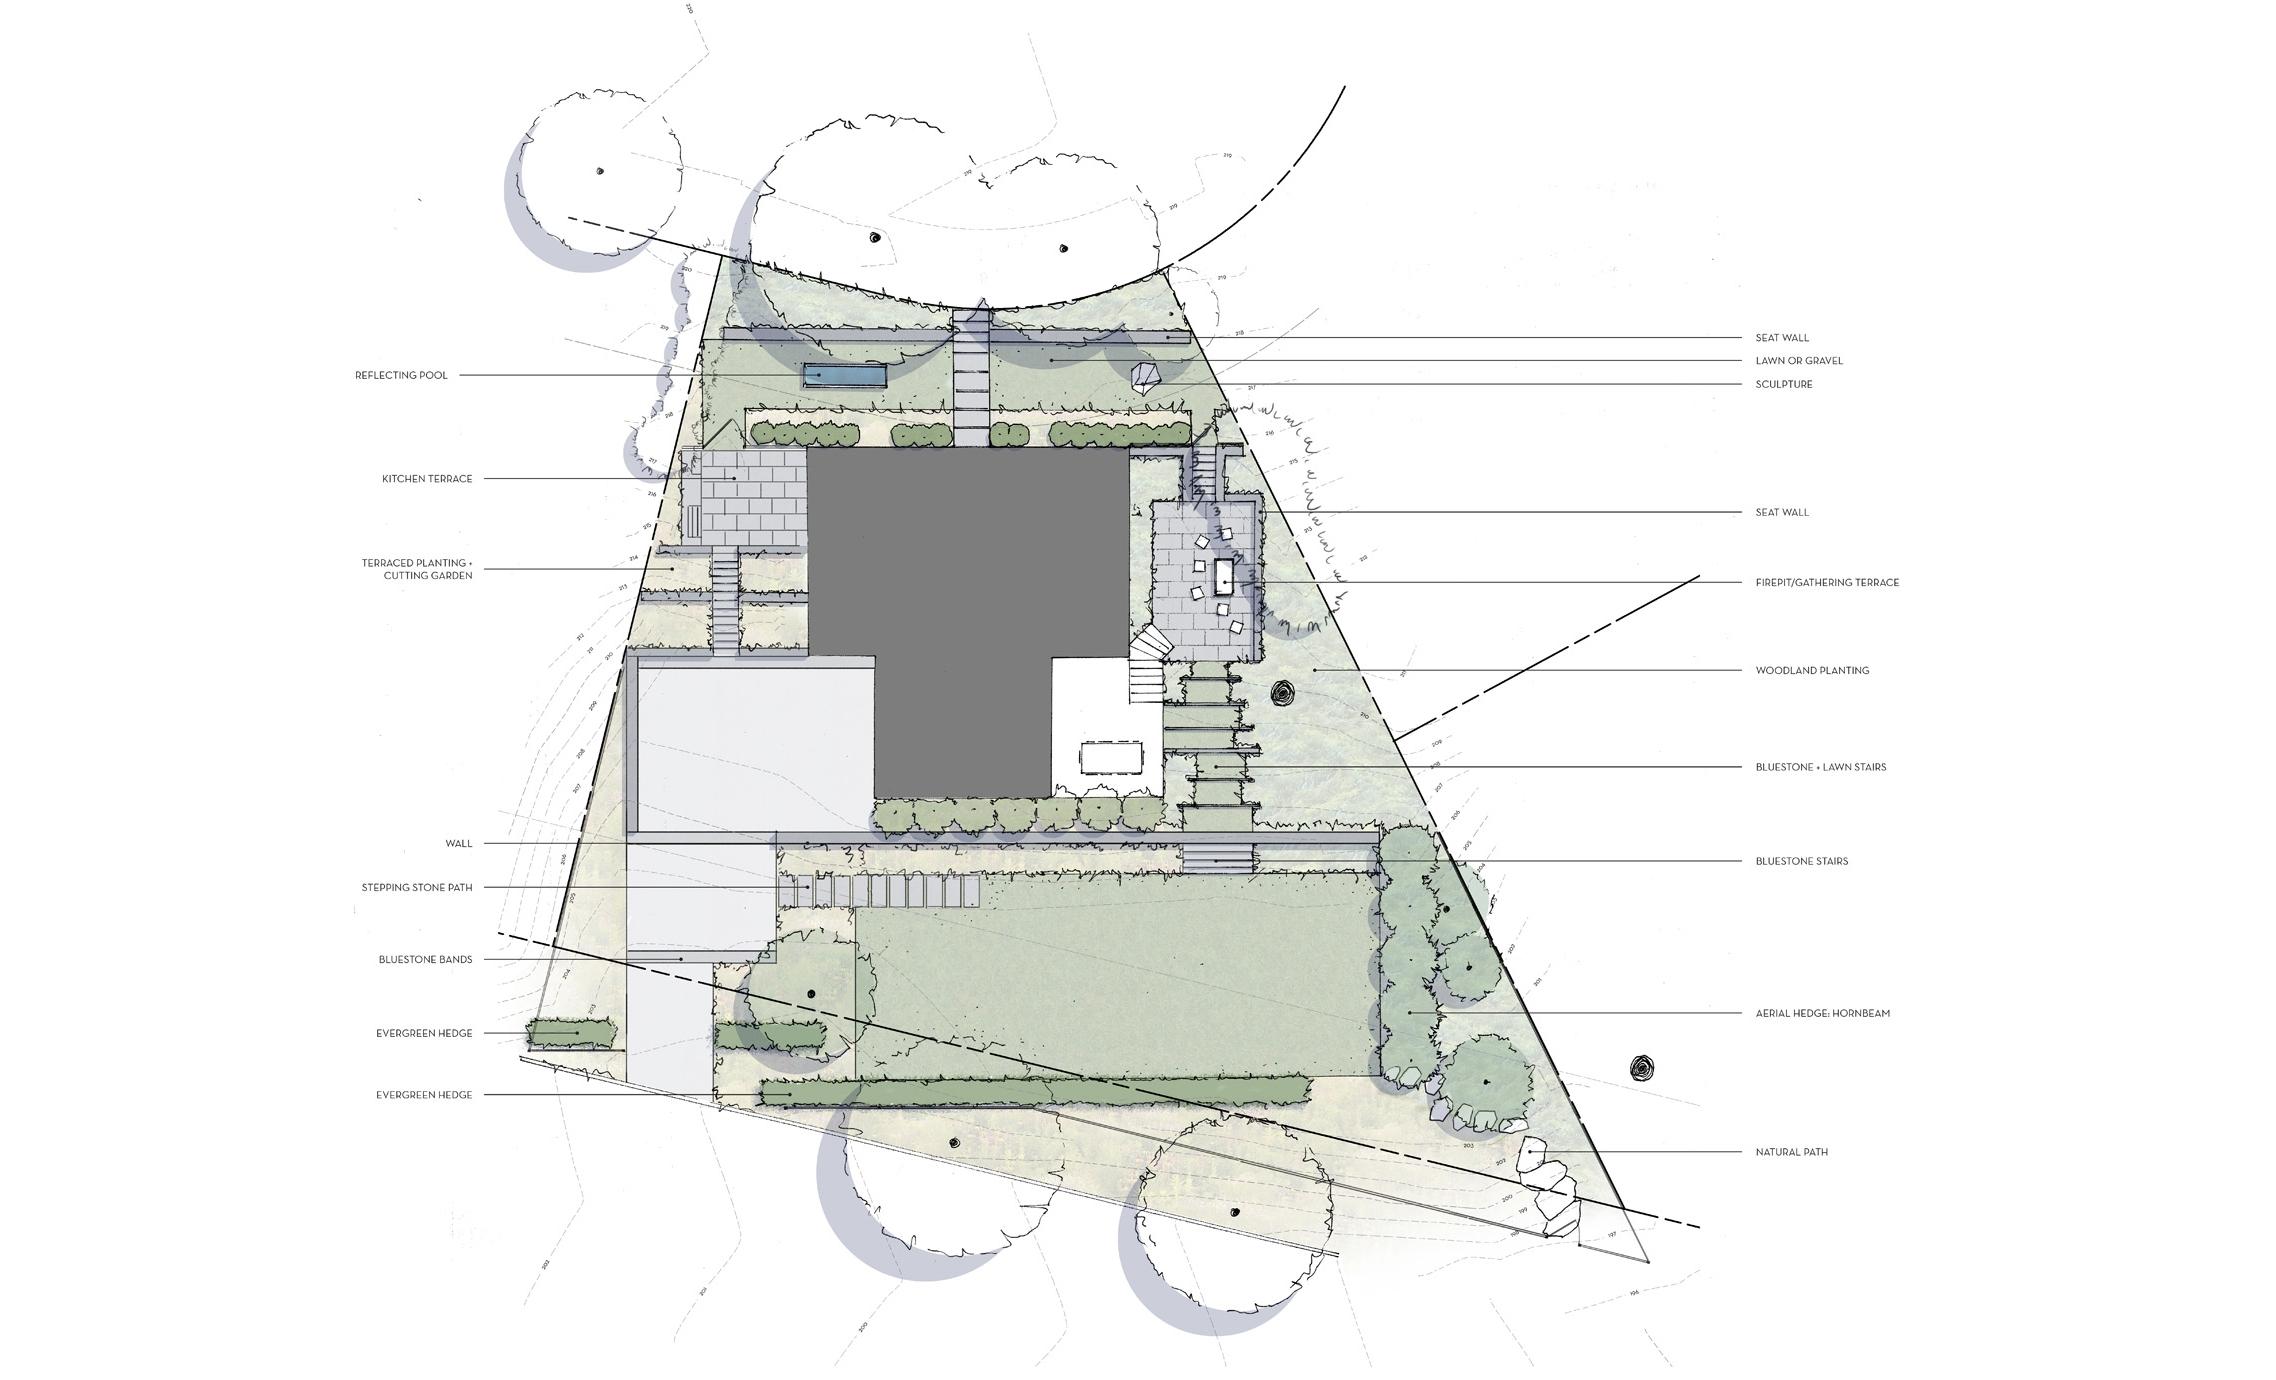 Butler_05.05.17_Composite Plan_LOCH.jpg